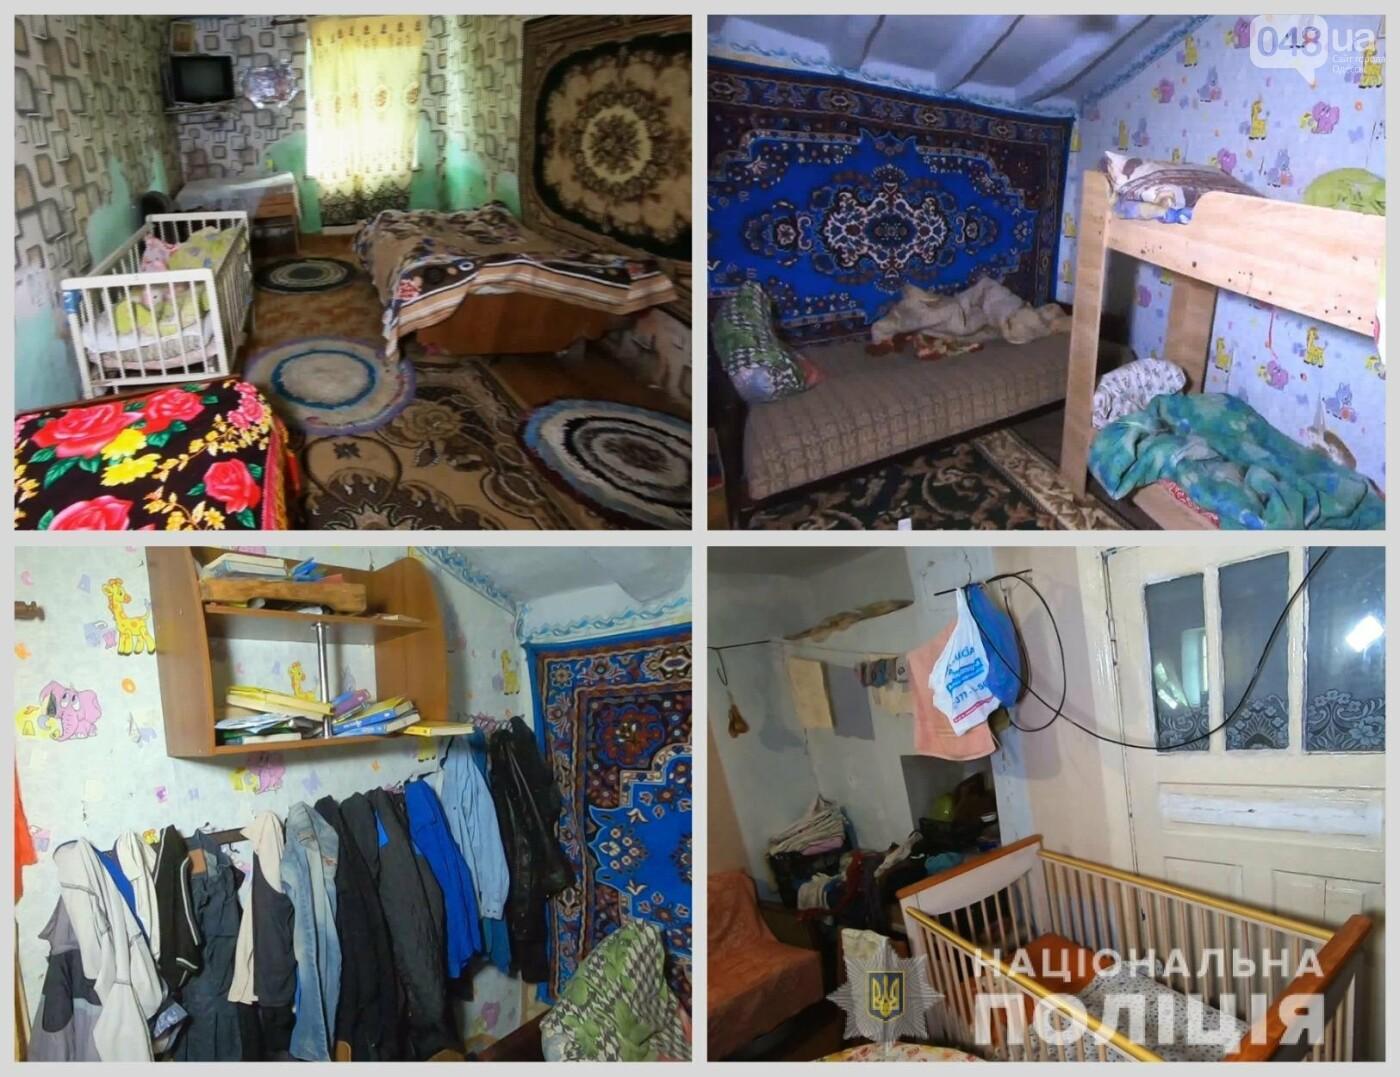 Вместо учебы пасет коз: полиция проверила, как живут дети в селах Одесской области,- ФОТО, фото-1